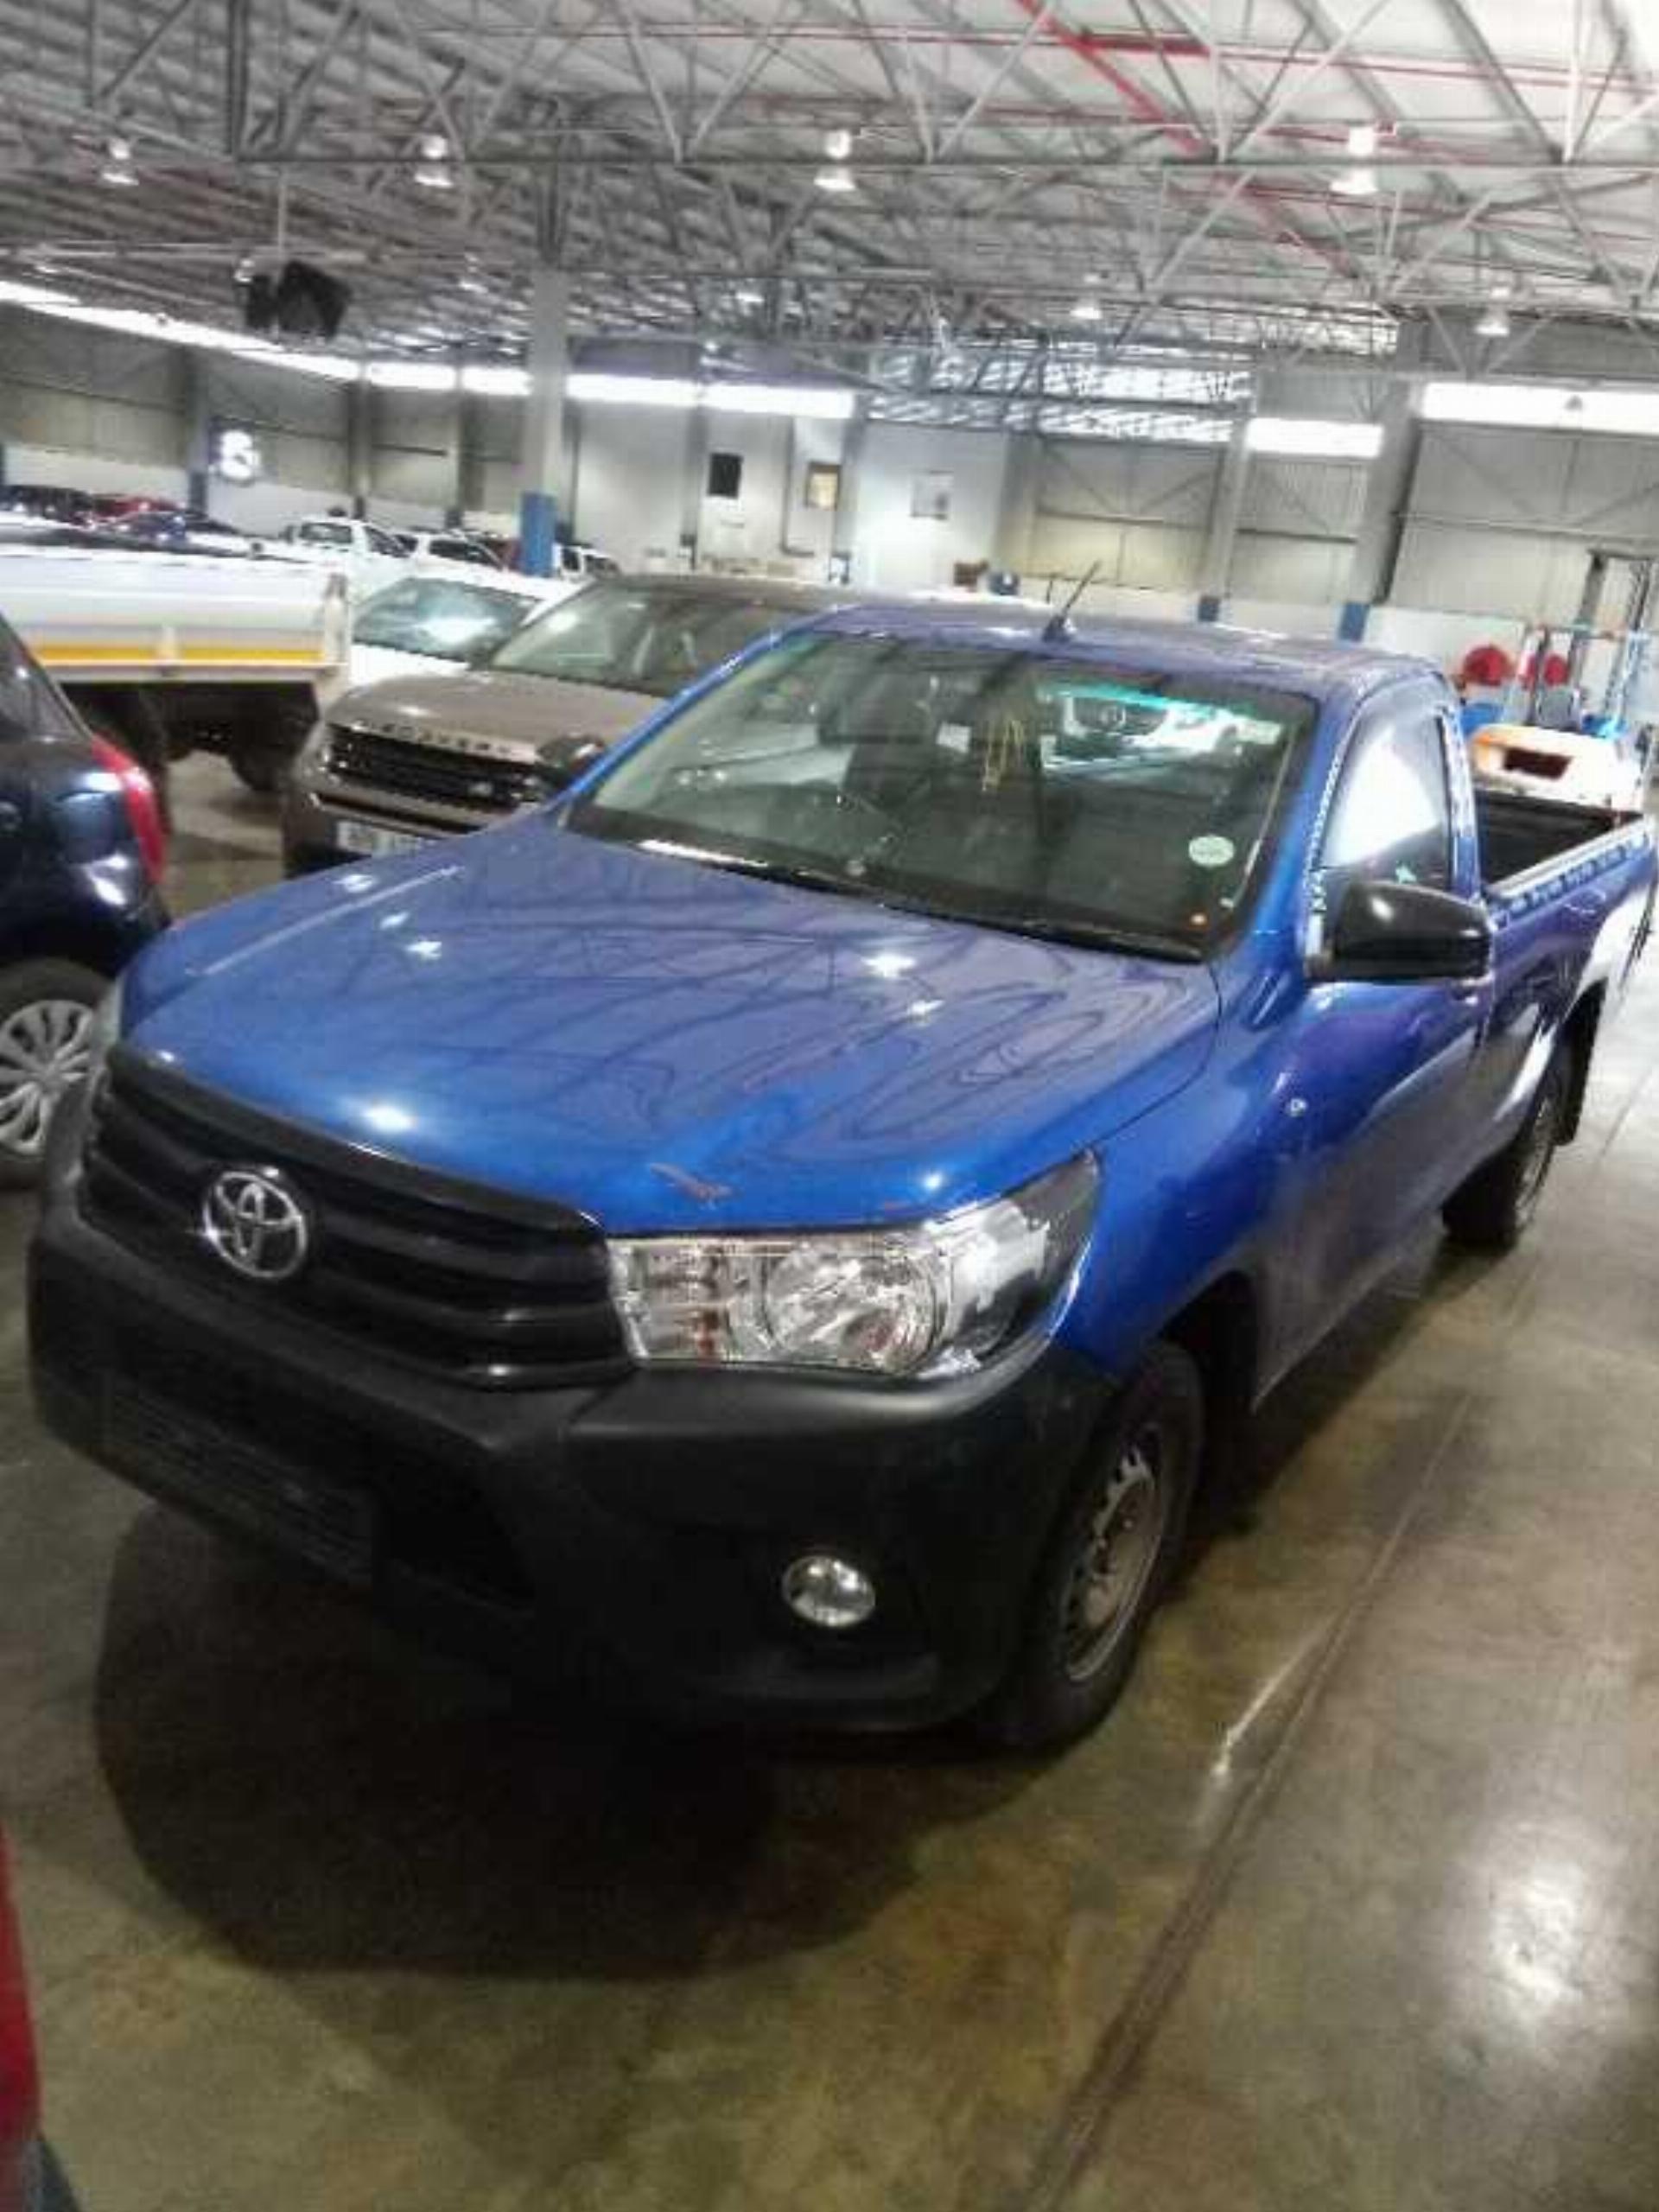 Toyota Hilux 2.4 GD A/C P/U